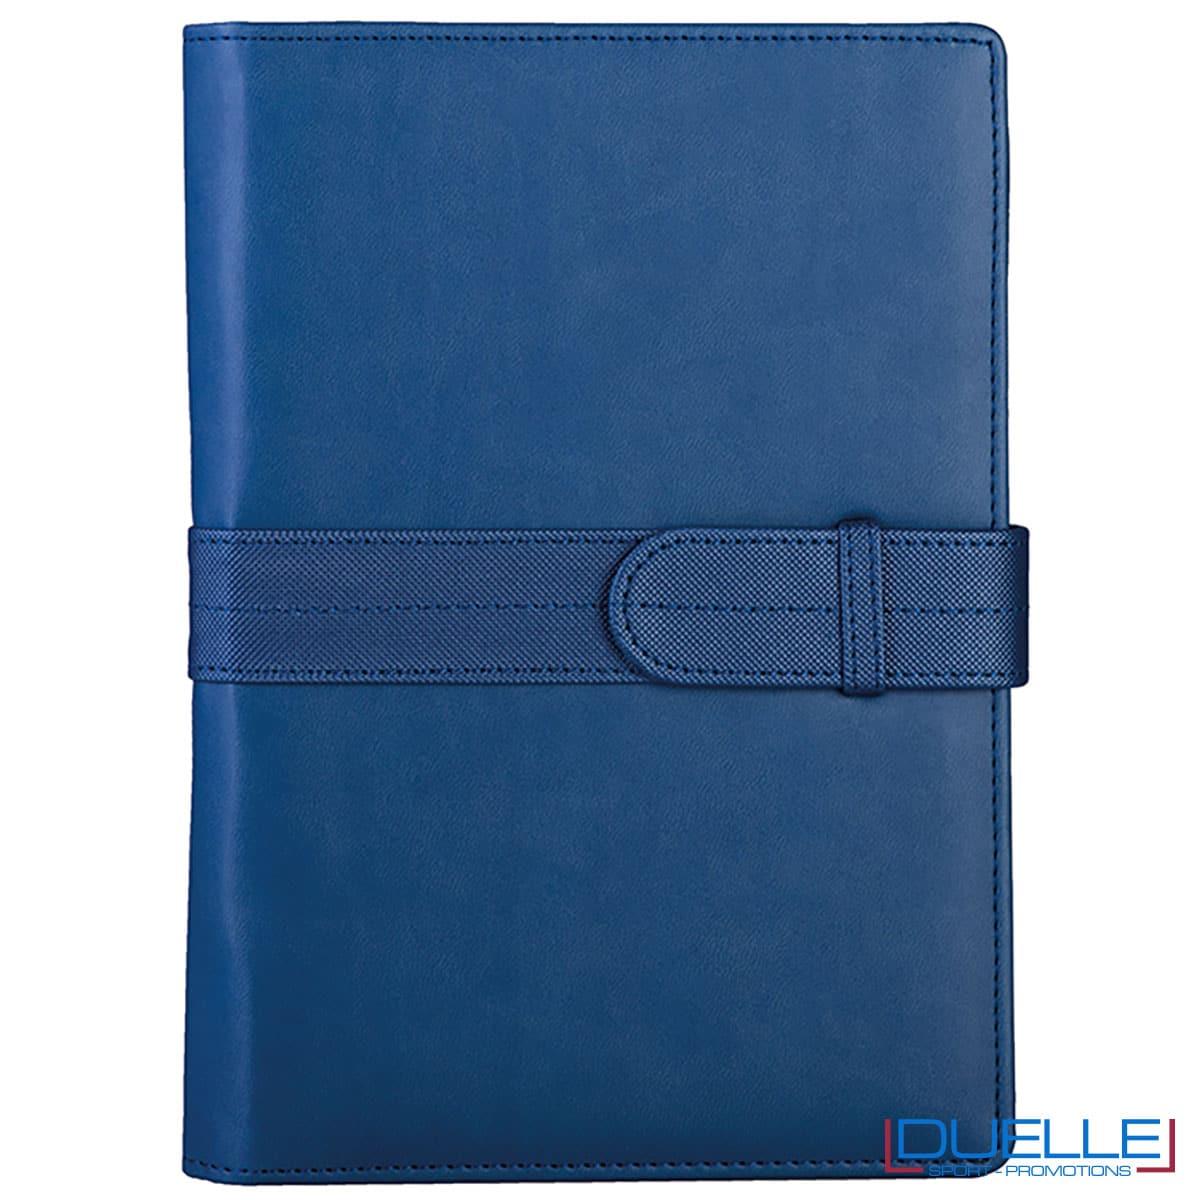 agenda 2022 blu royal da personalizzare con logo